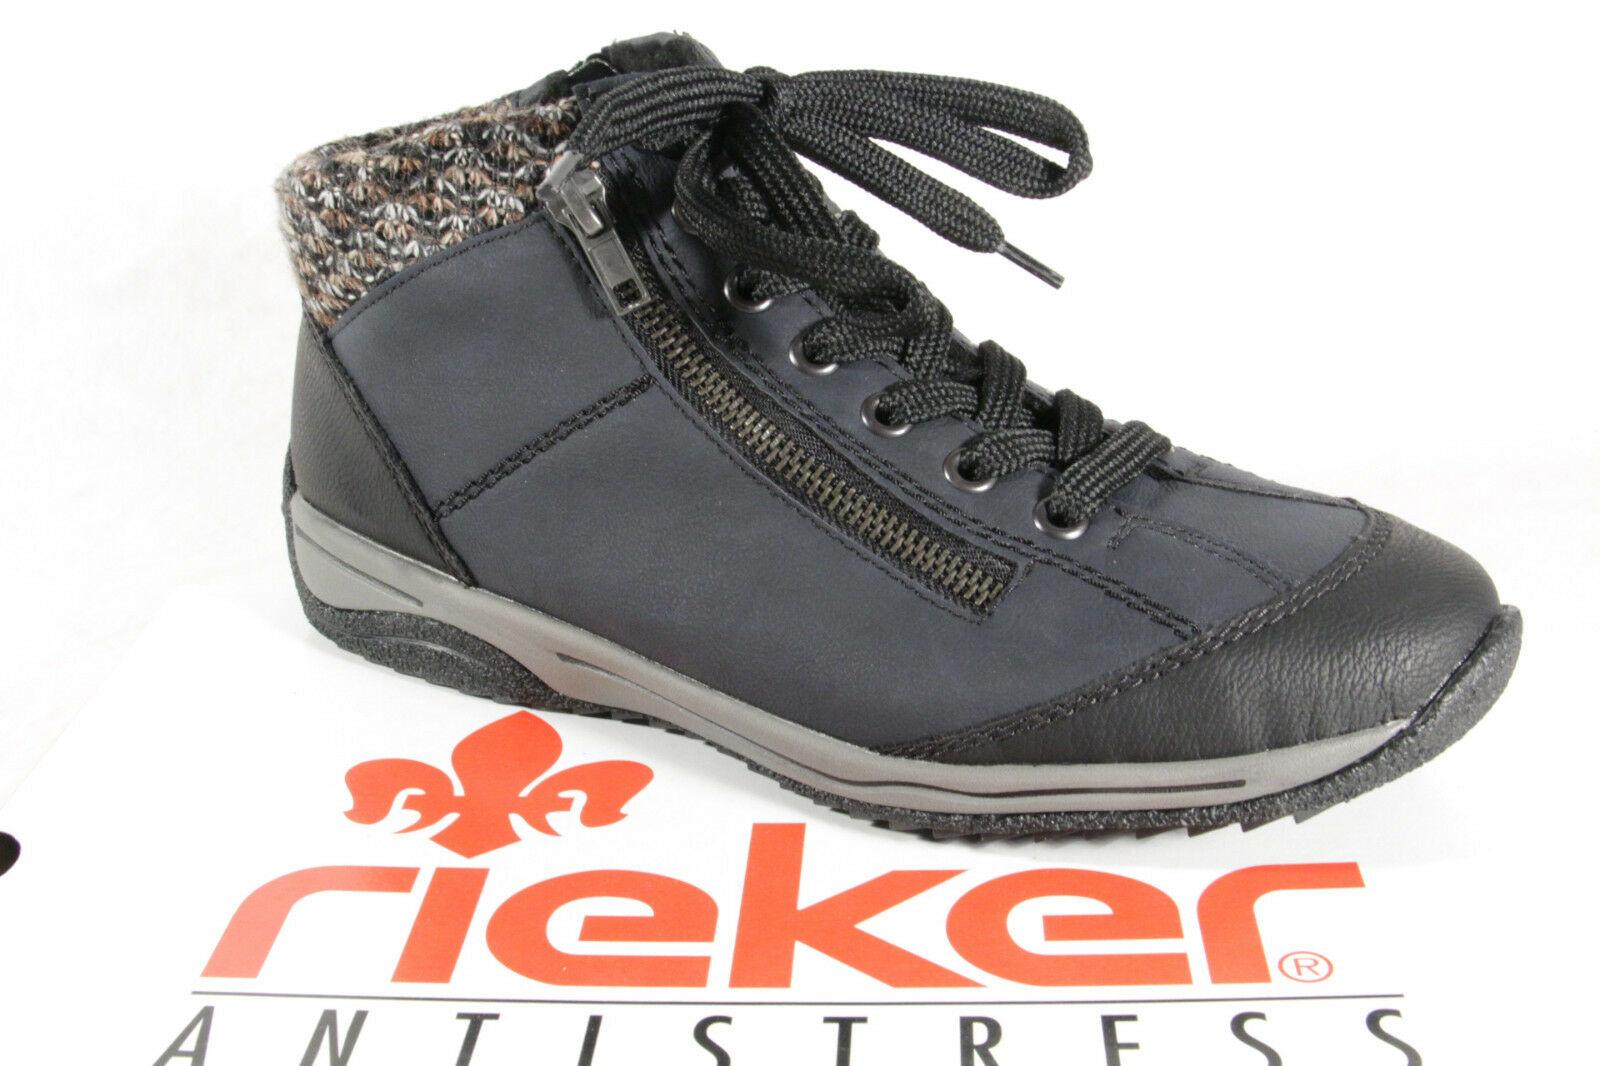 Rieker L5223 Damen Stiefel Stiefelette Schnürschuhe, Sneaker blau NEU! bd10658fd9